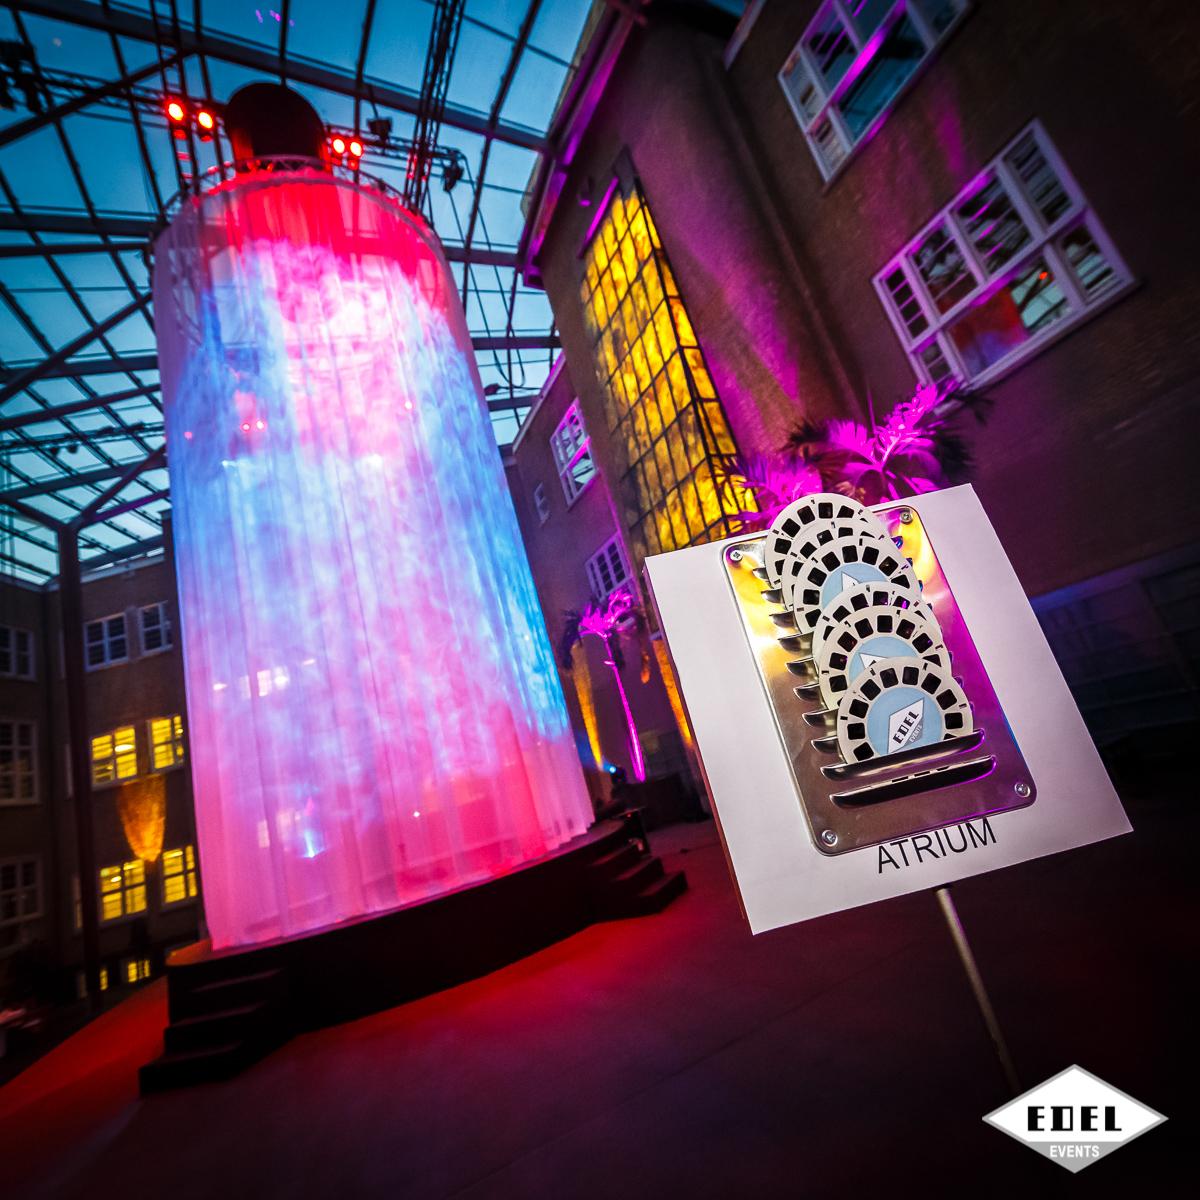 098_Open-Dag-Edel-Events_20160316_185555_Afterview.nl_Peter-Bezemer